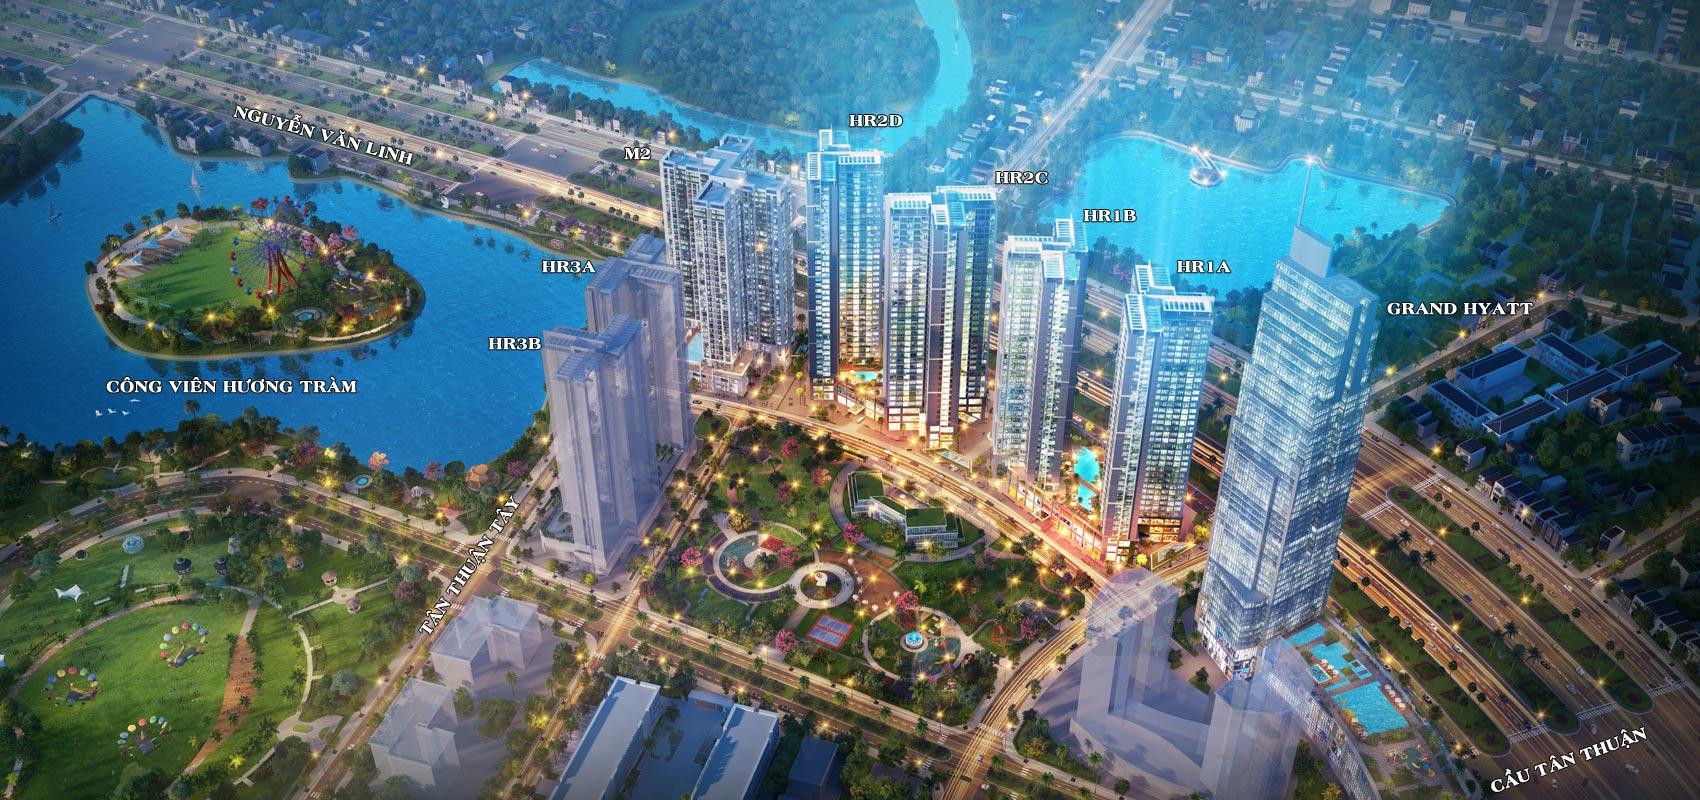 Quy mô tổng thể Eco Green Sài Gòn quận 7 với hơn 14 hecta và công viên Hương Tràm bên cạnh rộng hơn 22 hecta